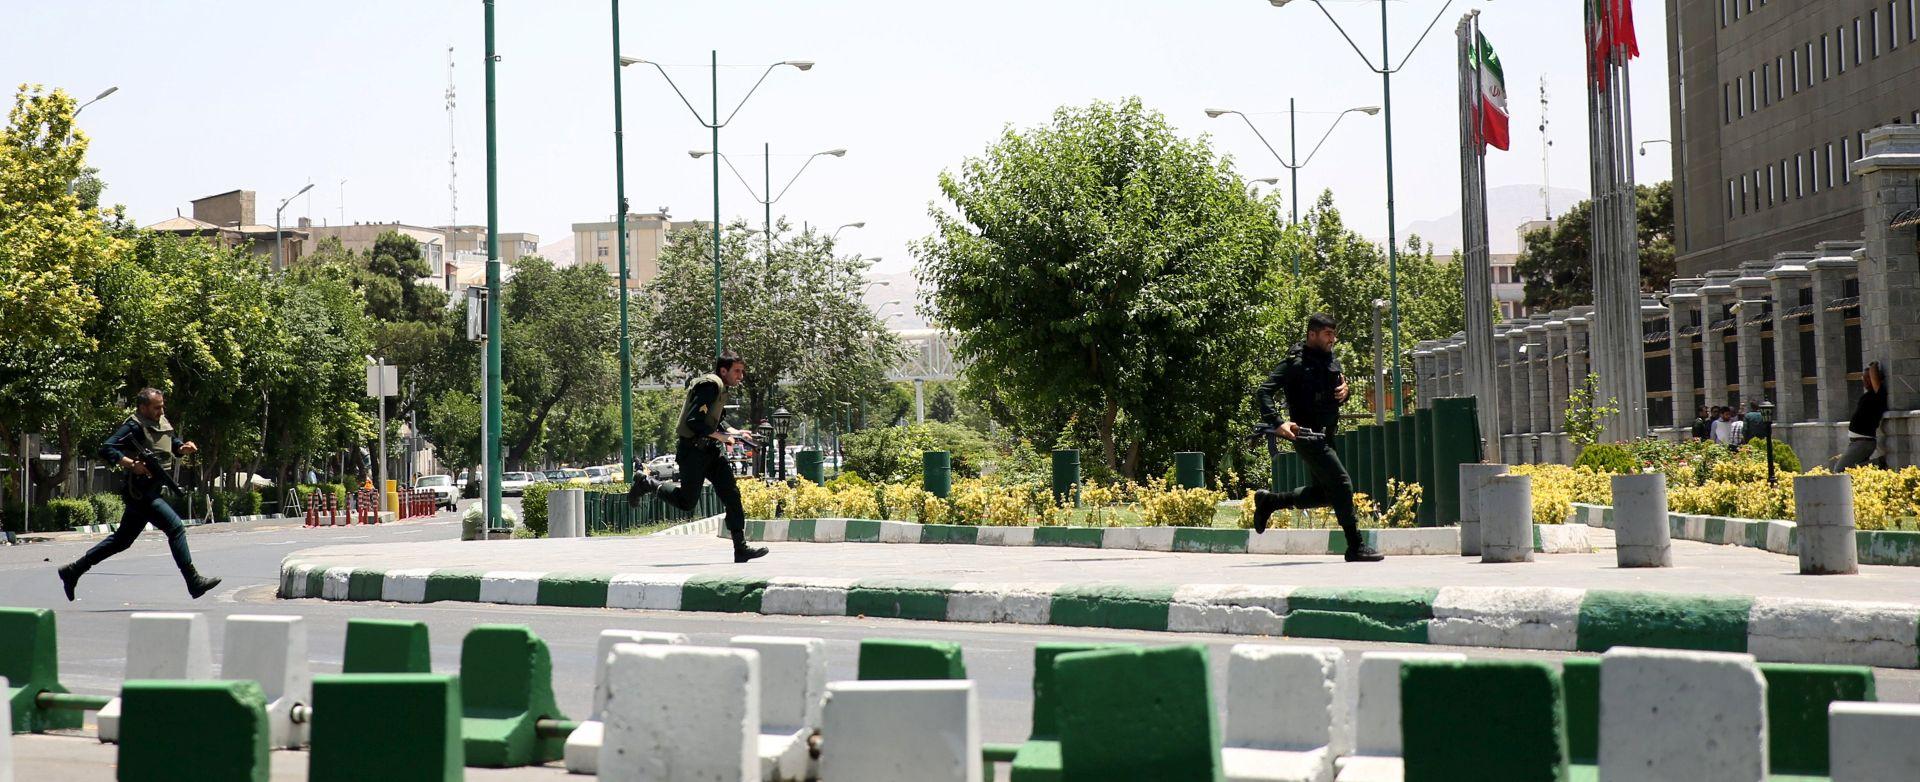 NAPAD U TEHERANU Talačka kriza u parlamentu, dva samoubilačka napada, najmanje 7 mrtvih